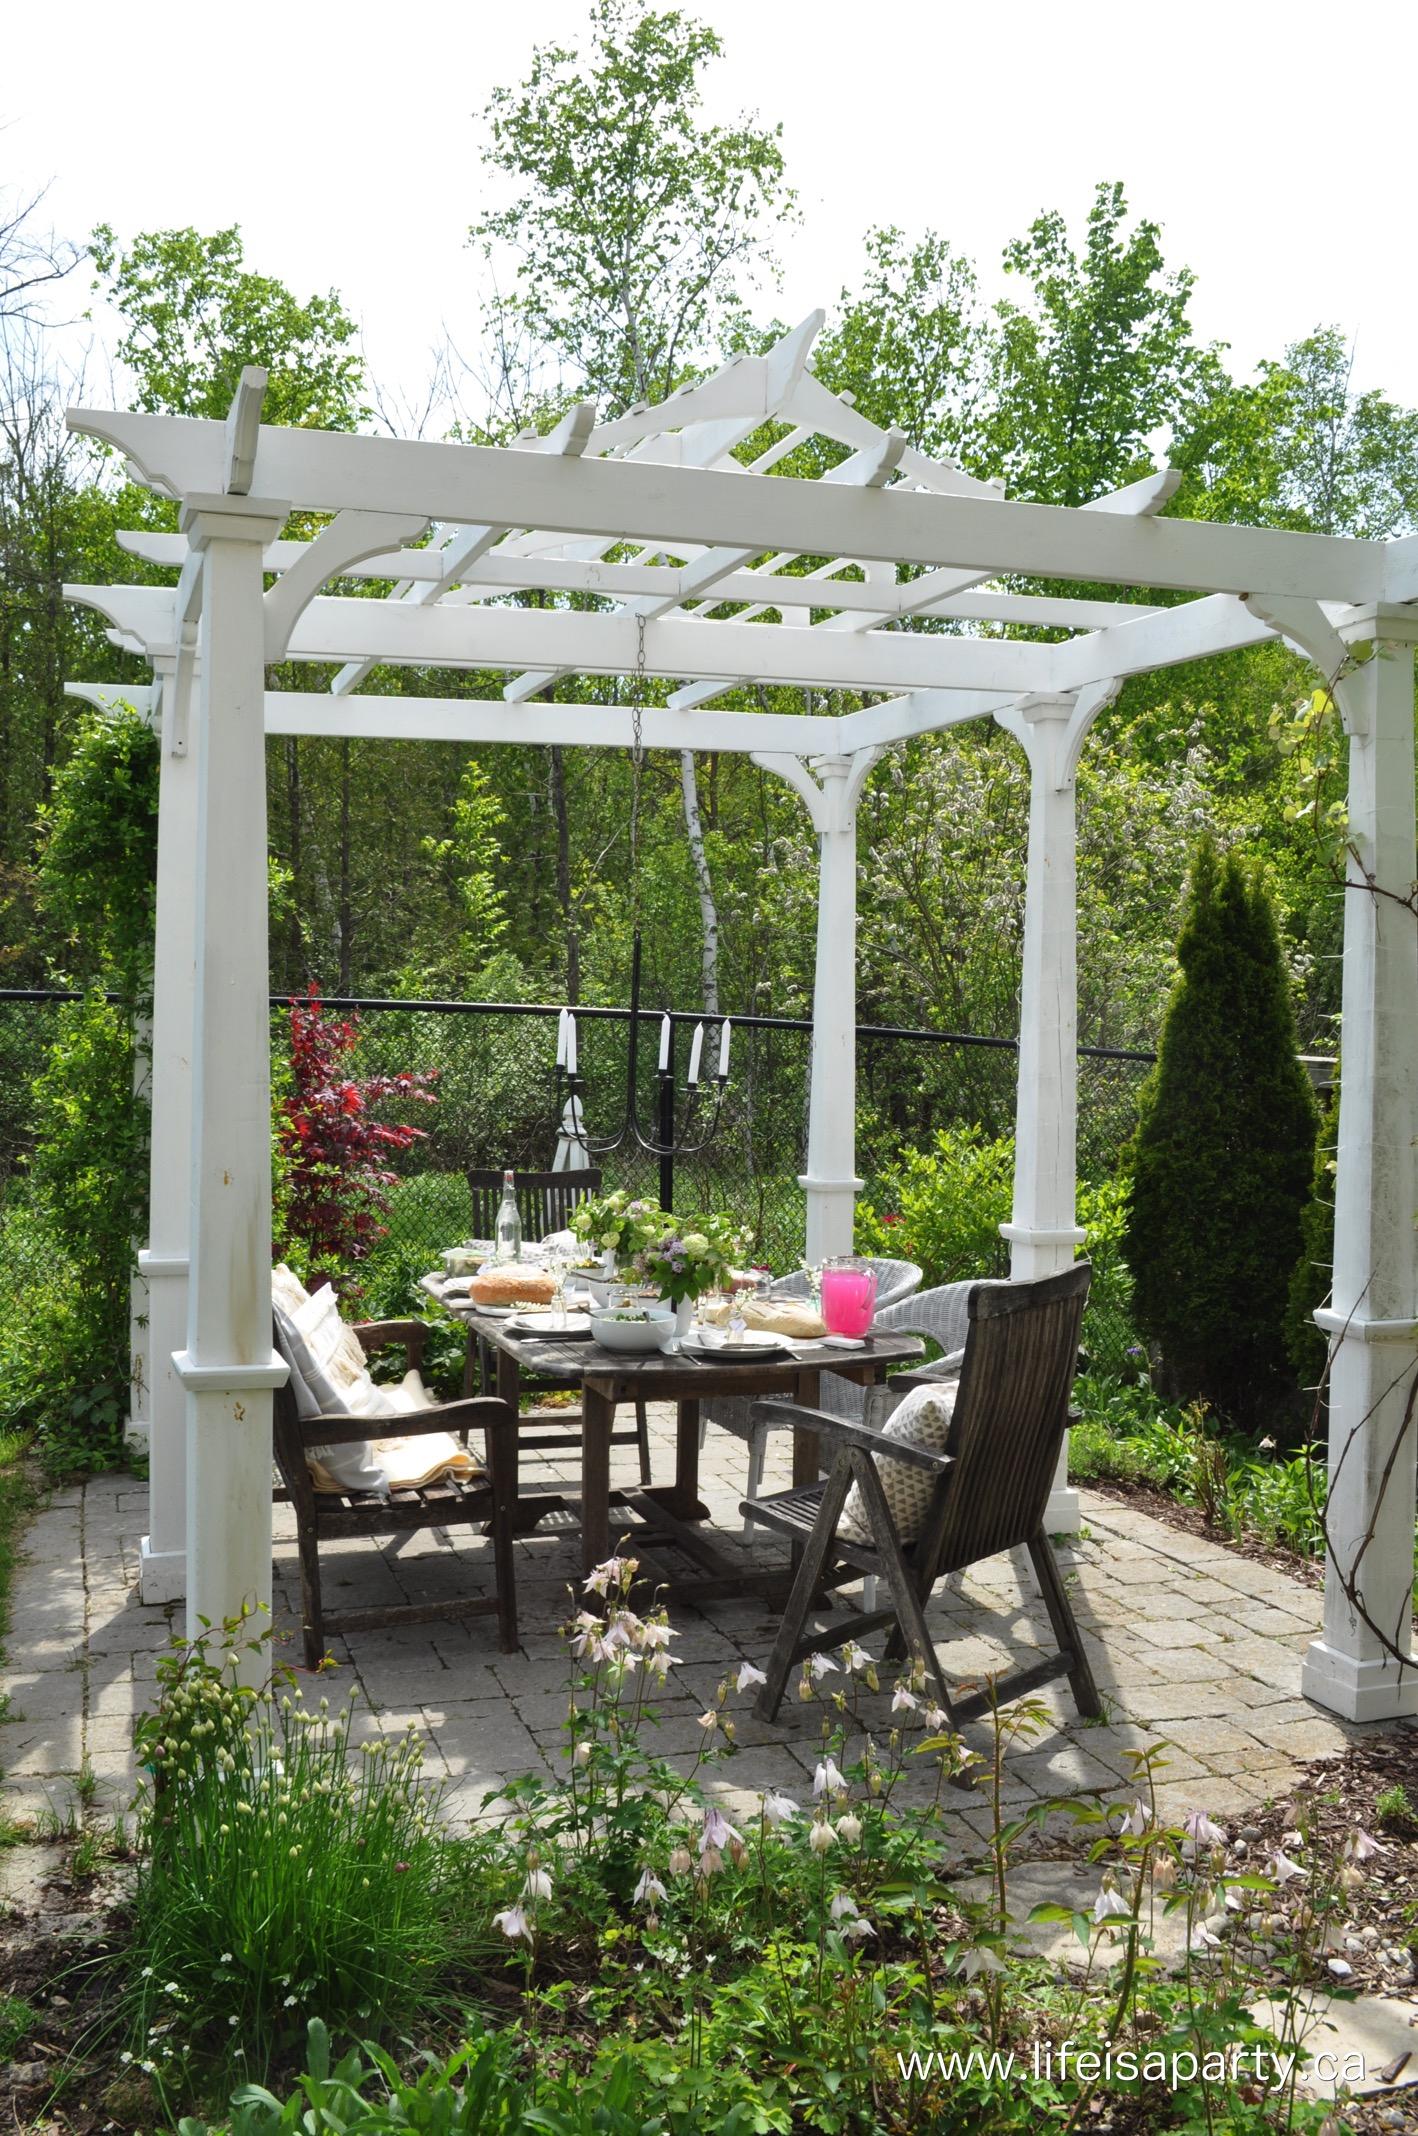 22.SIMPHOME.COM A summer backyard picnic